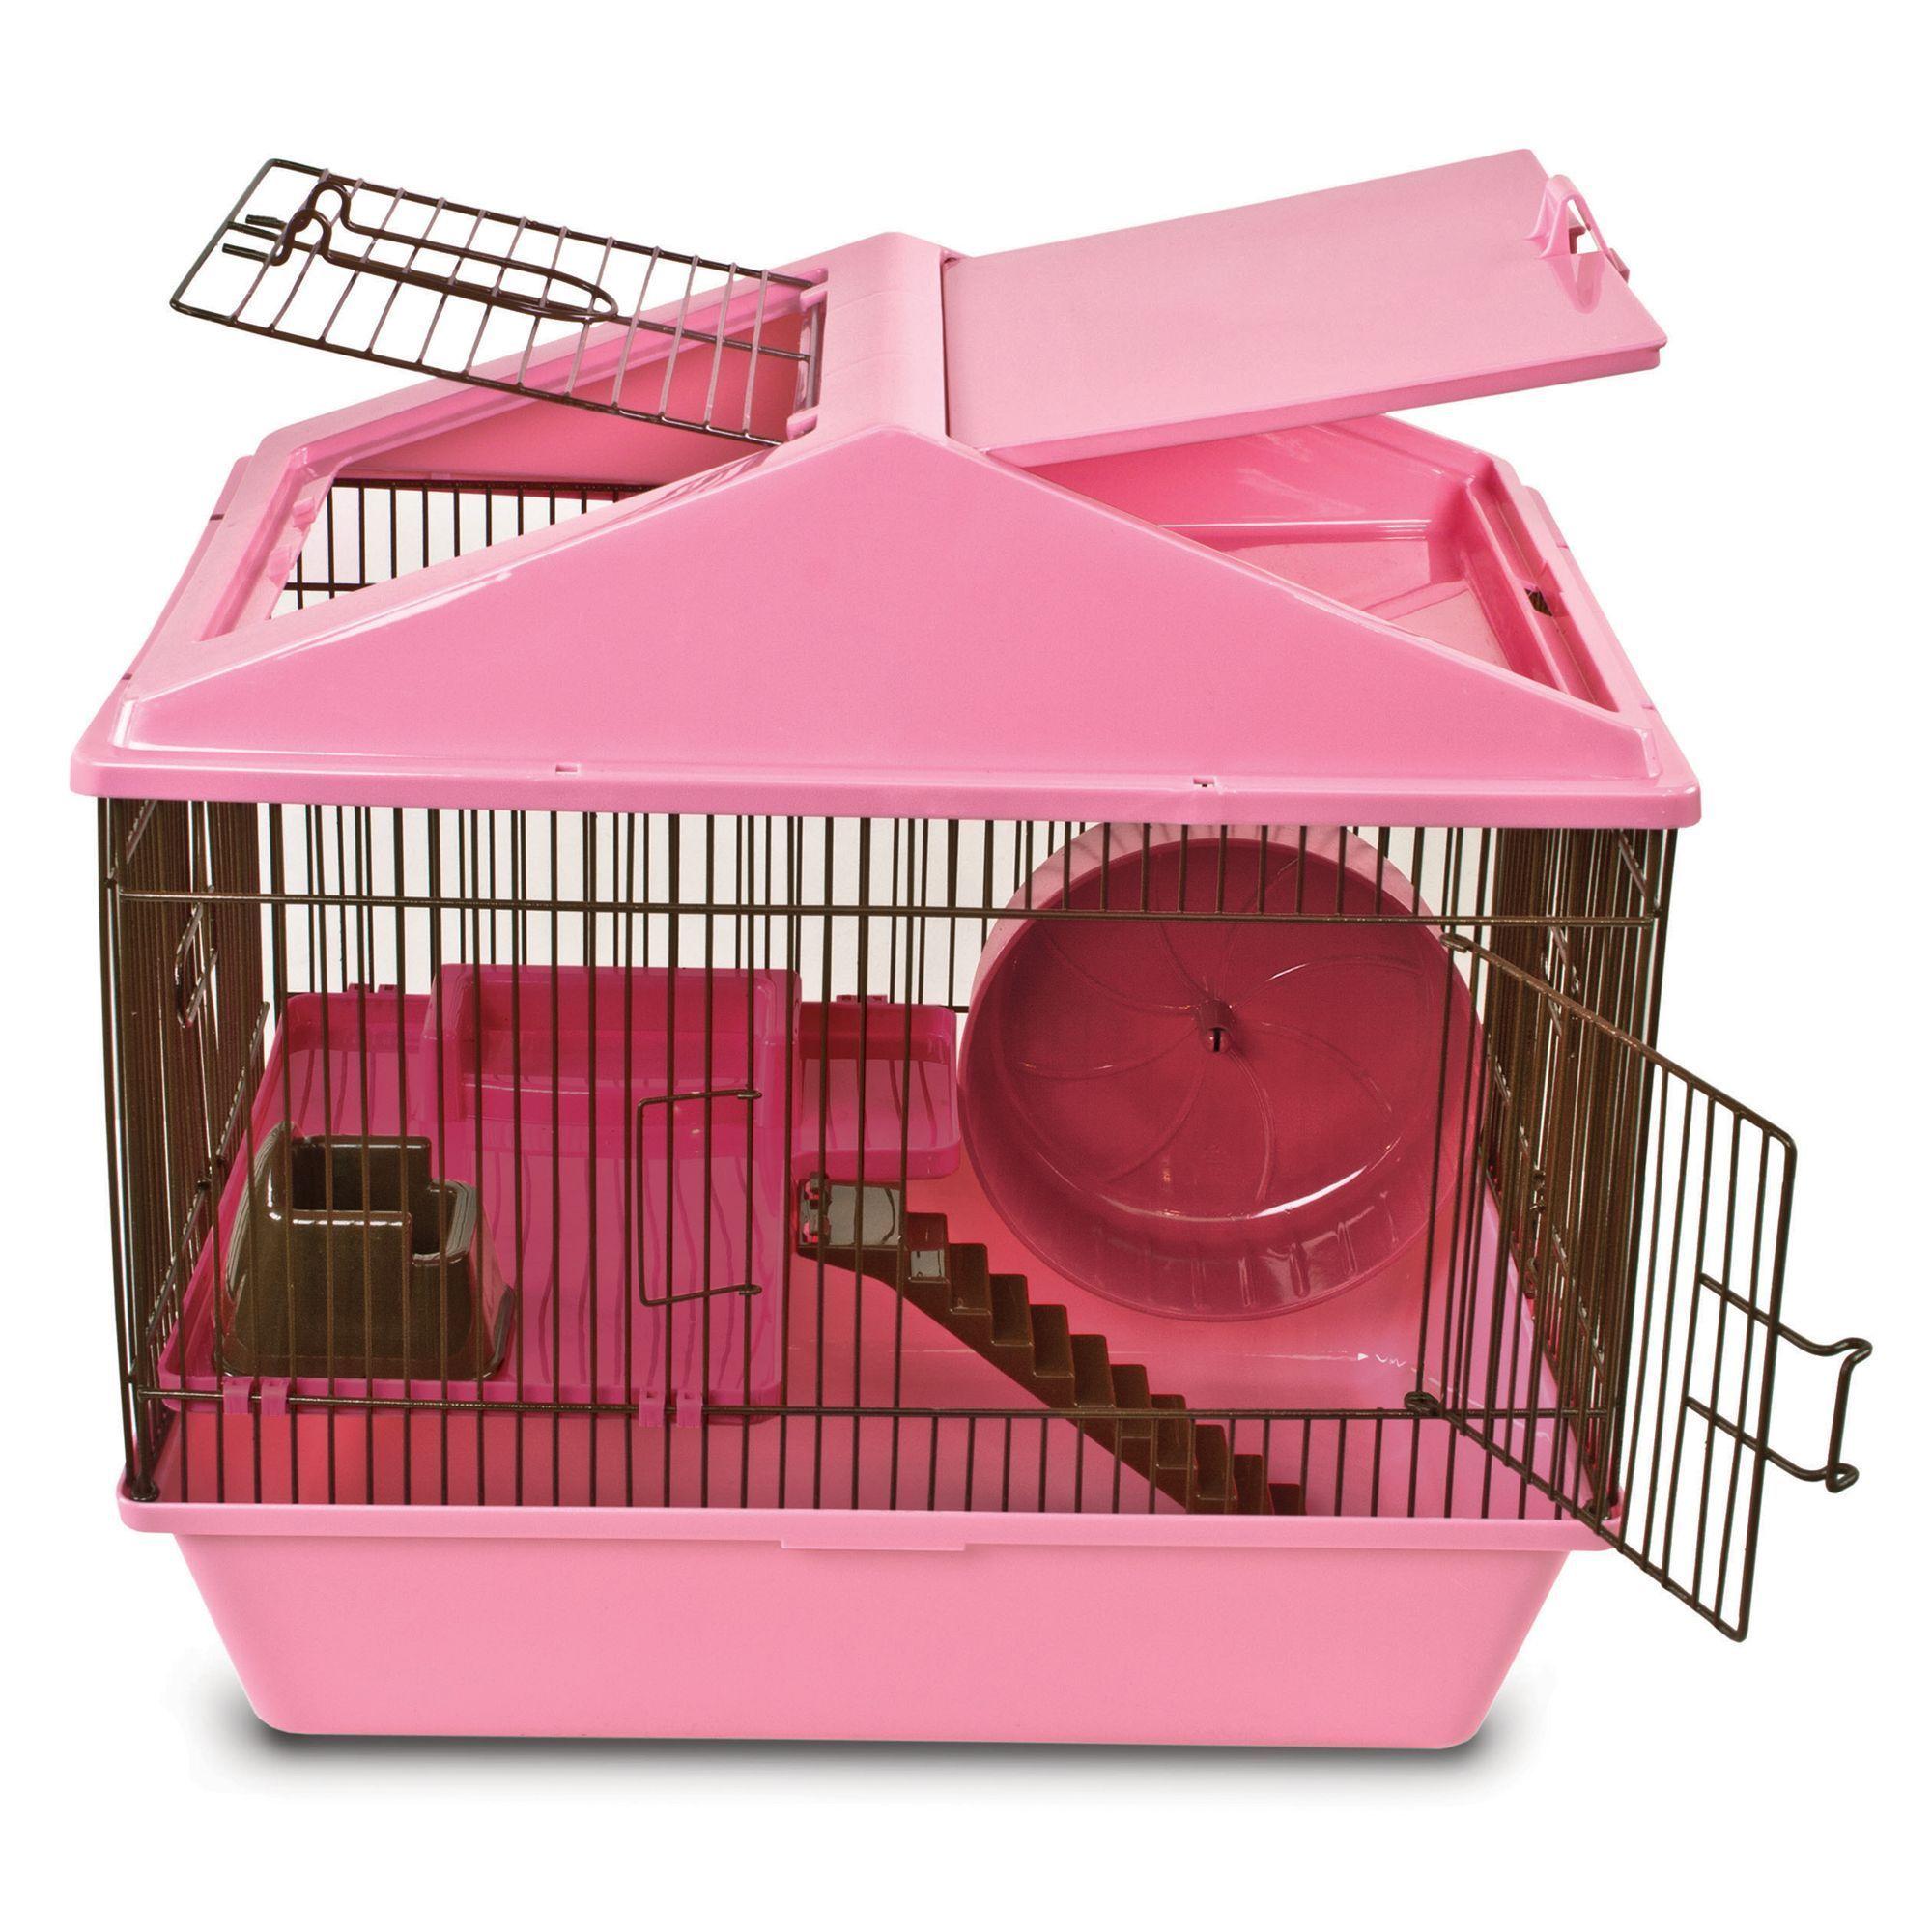 Critter Ware Animal House Hamster Habitat In 2020 Hamster